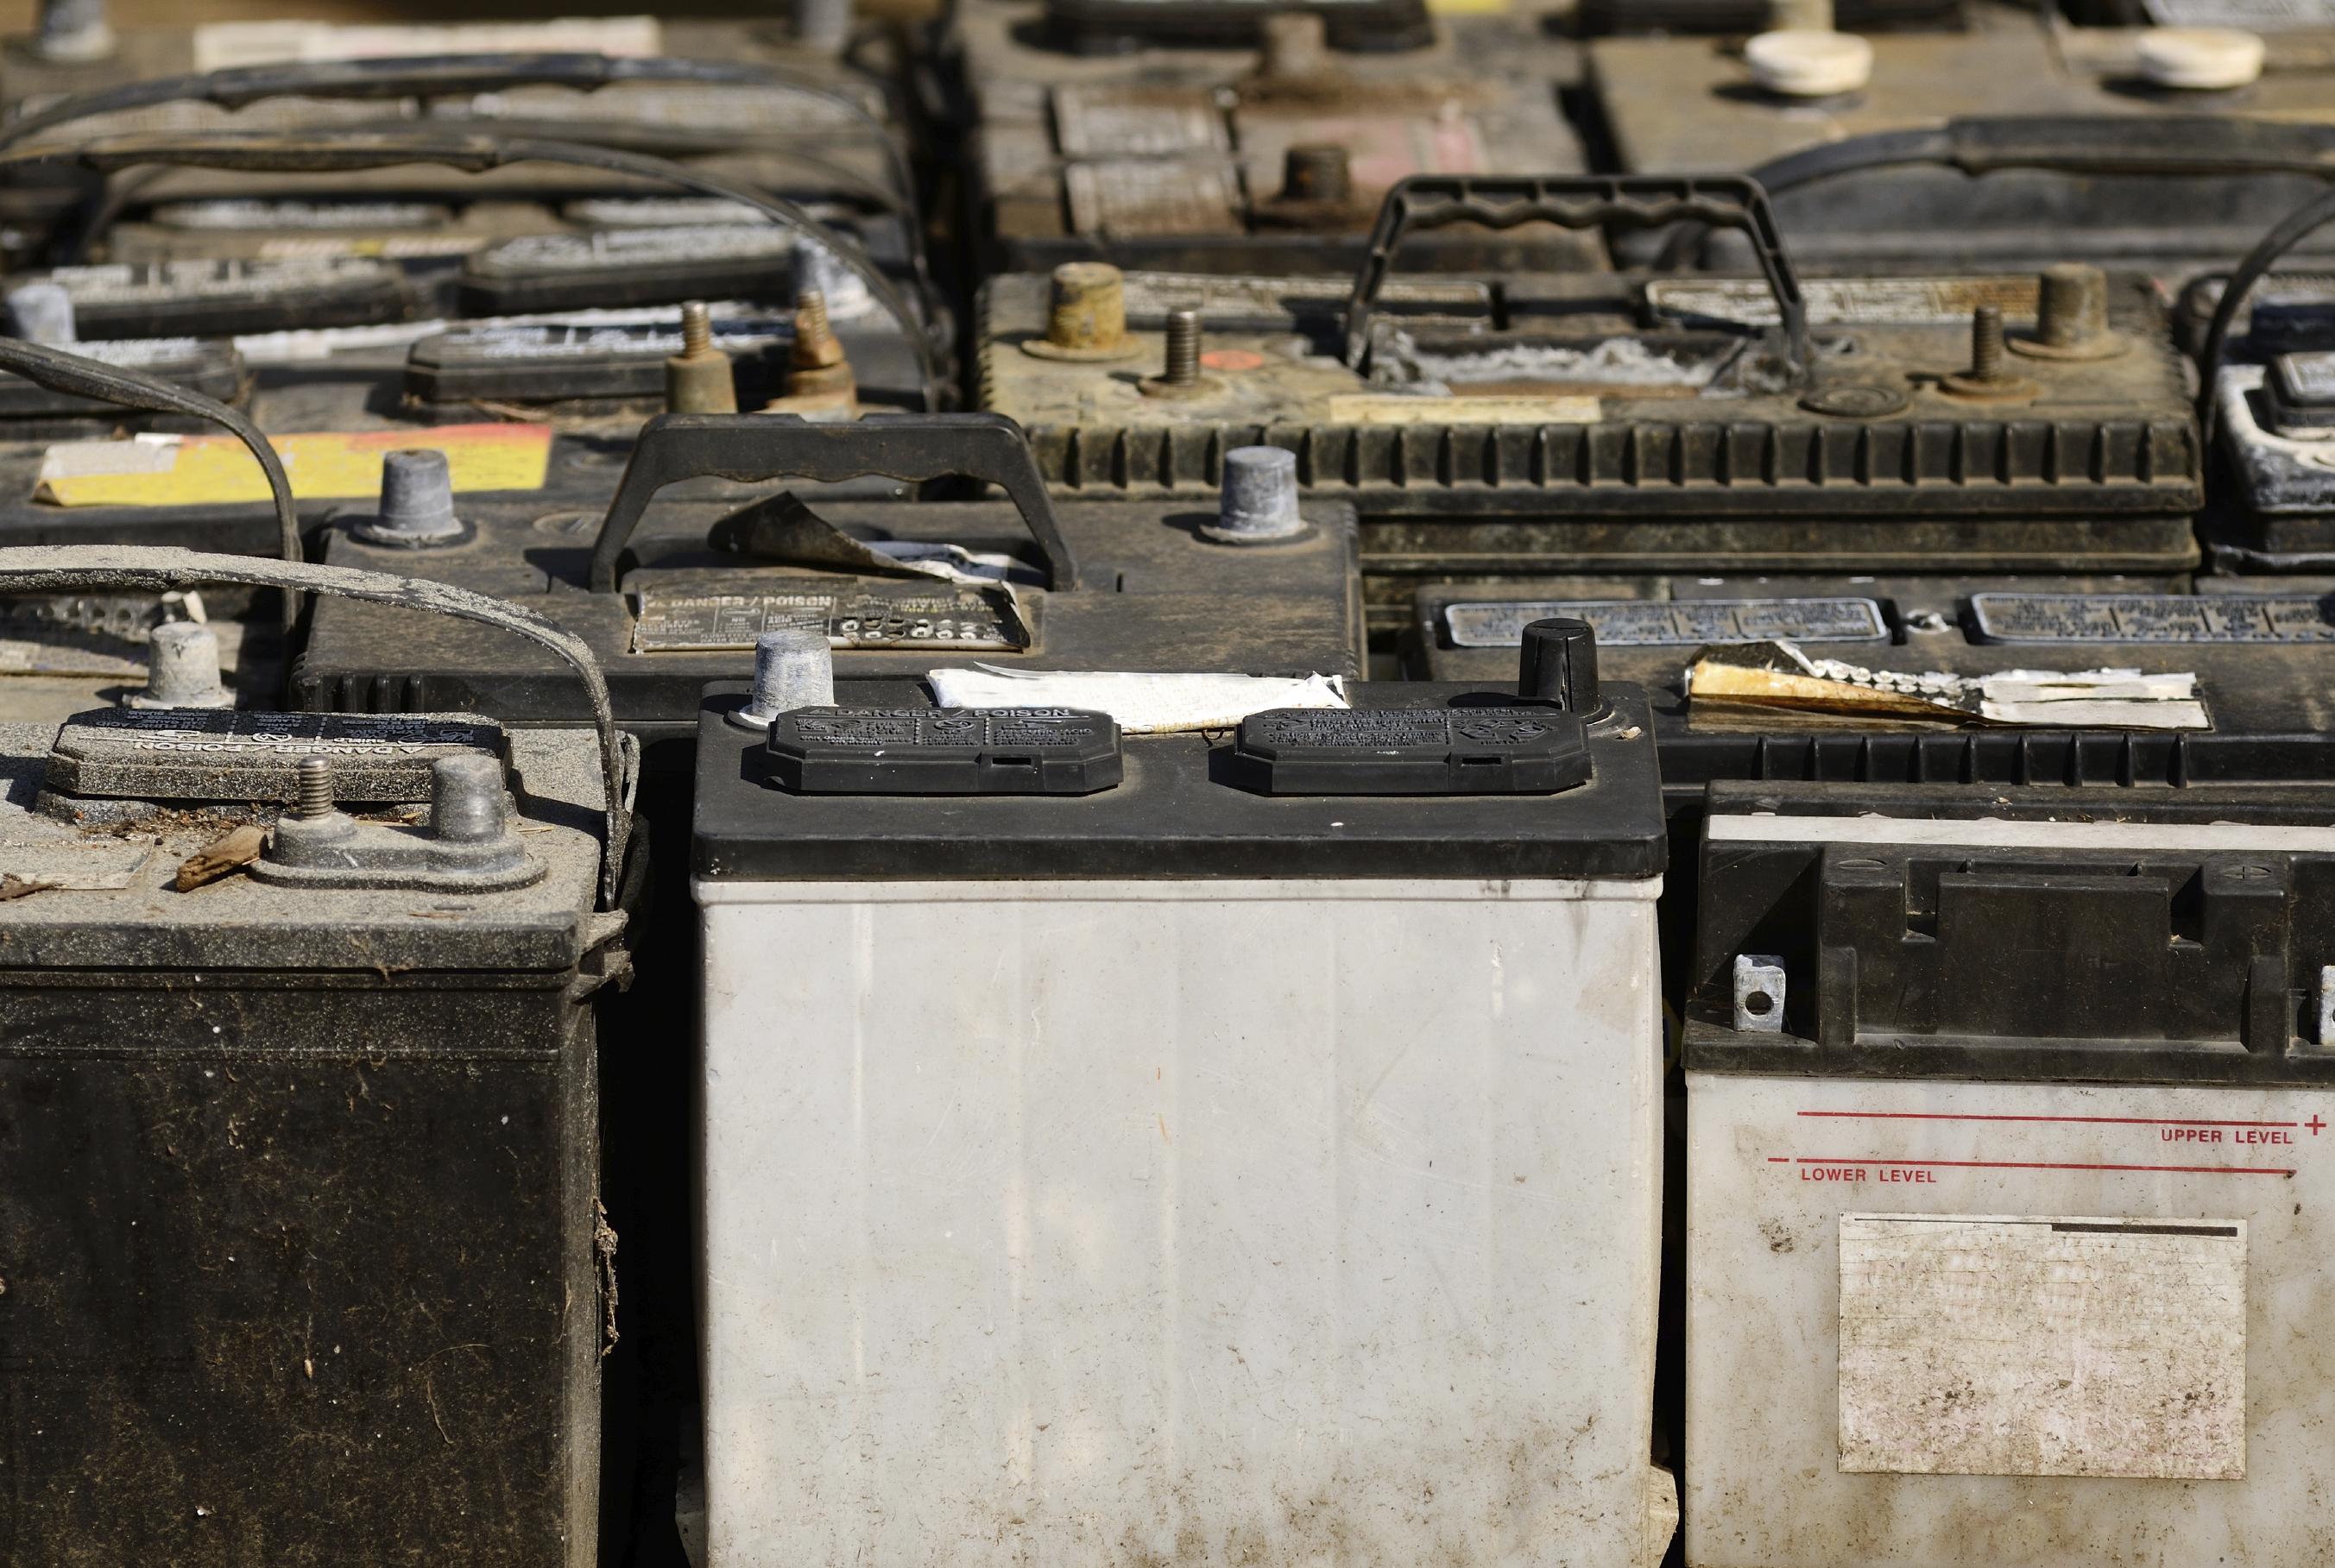 पुरानी बैटरी। (शेयर छवि)